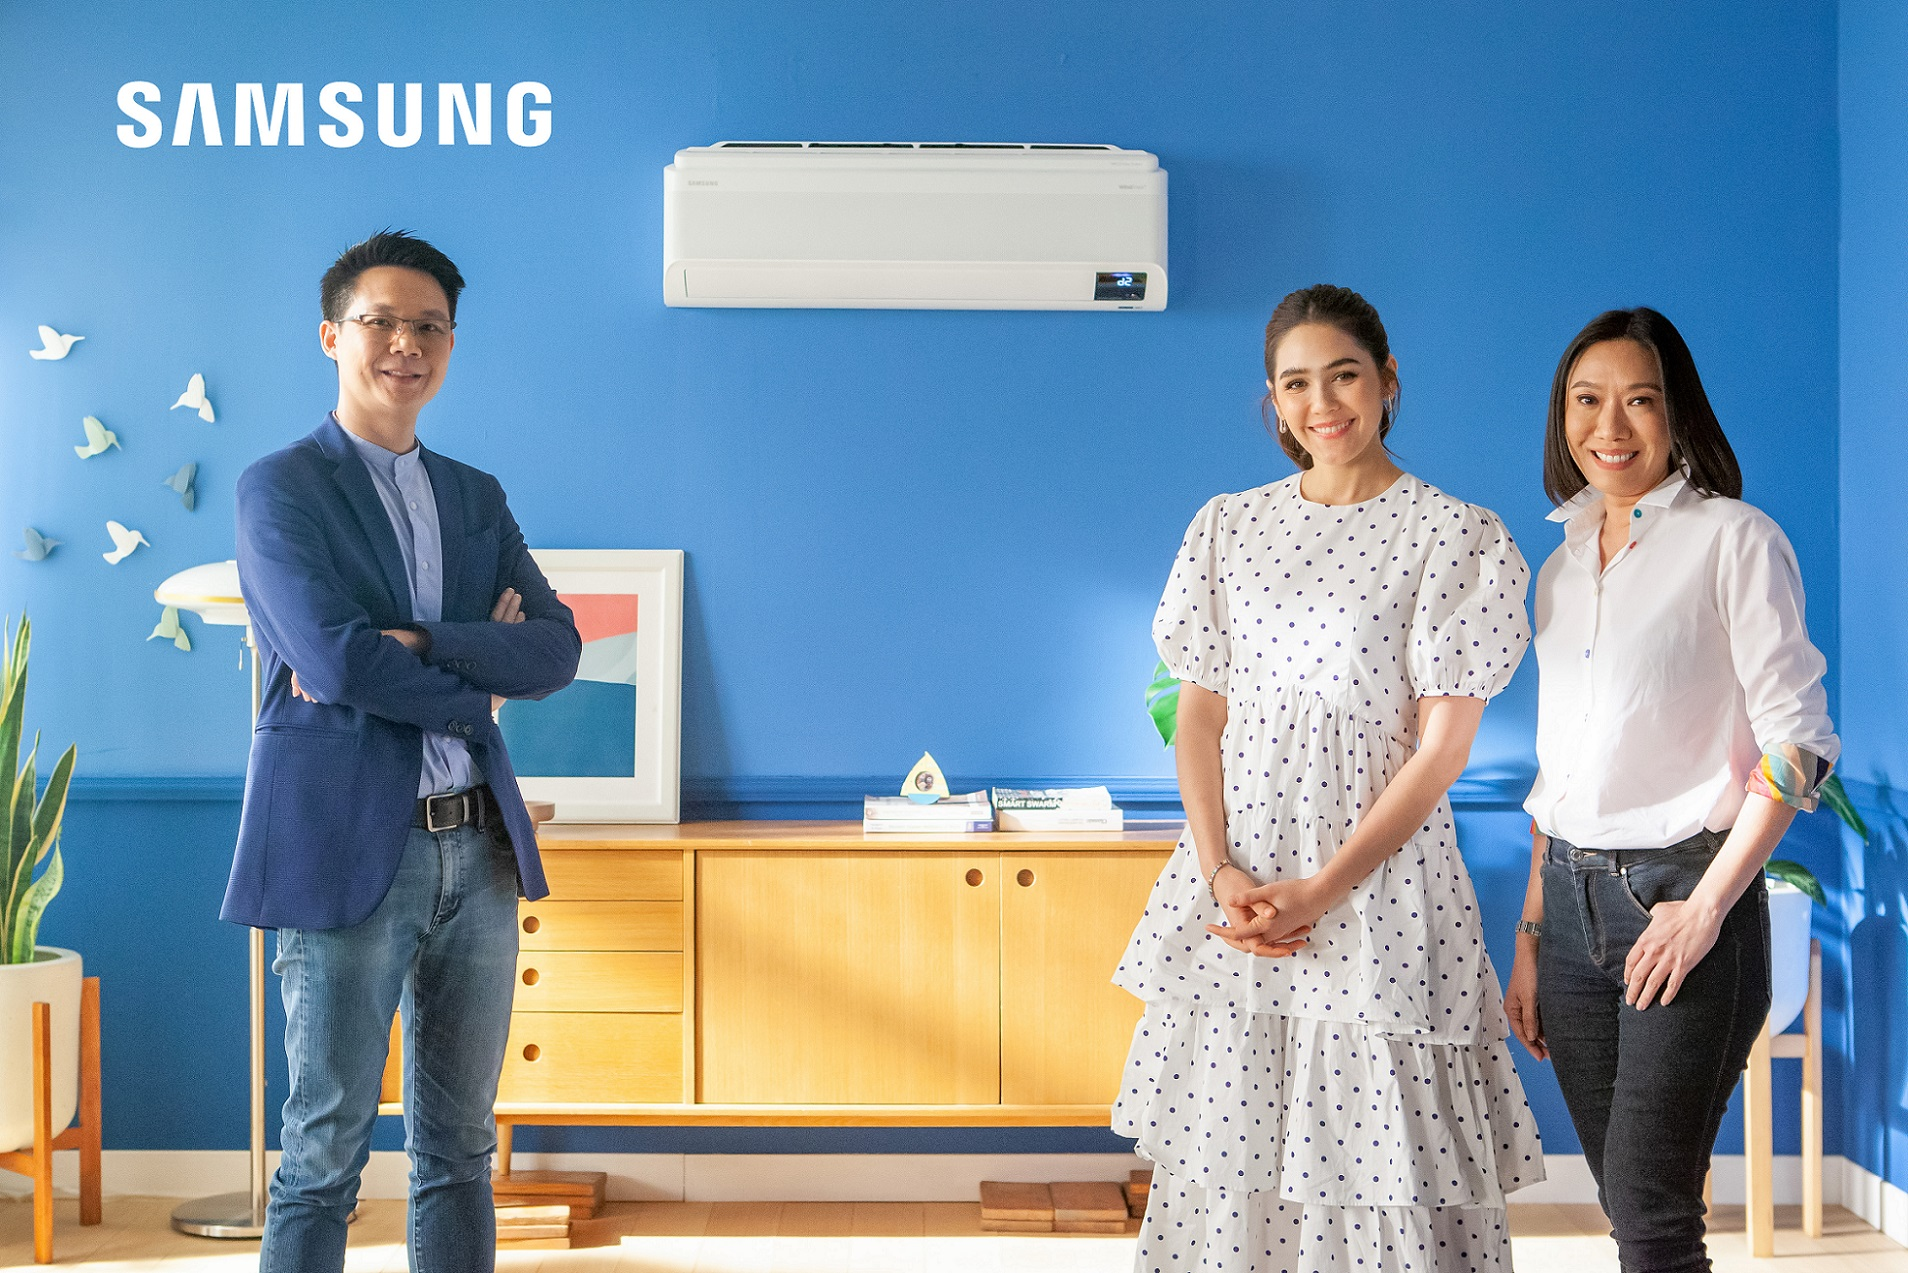 """ซัมซุงรุกตลาดแอร์เพื่อสุขภาพ ชูเทคโนโลยี WindFree™ cooling  ดึง """"ชมพู่ อารยา"""" เป็นพรีเซนเตอร์ เจาะตลาดครอบครัวยุคใหม่"""